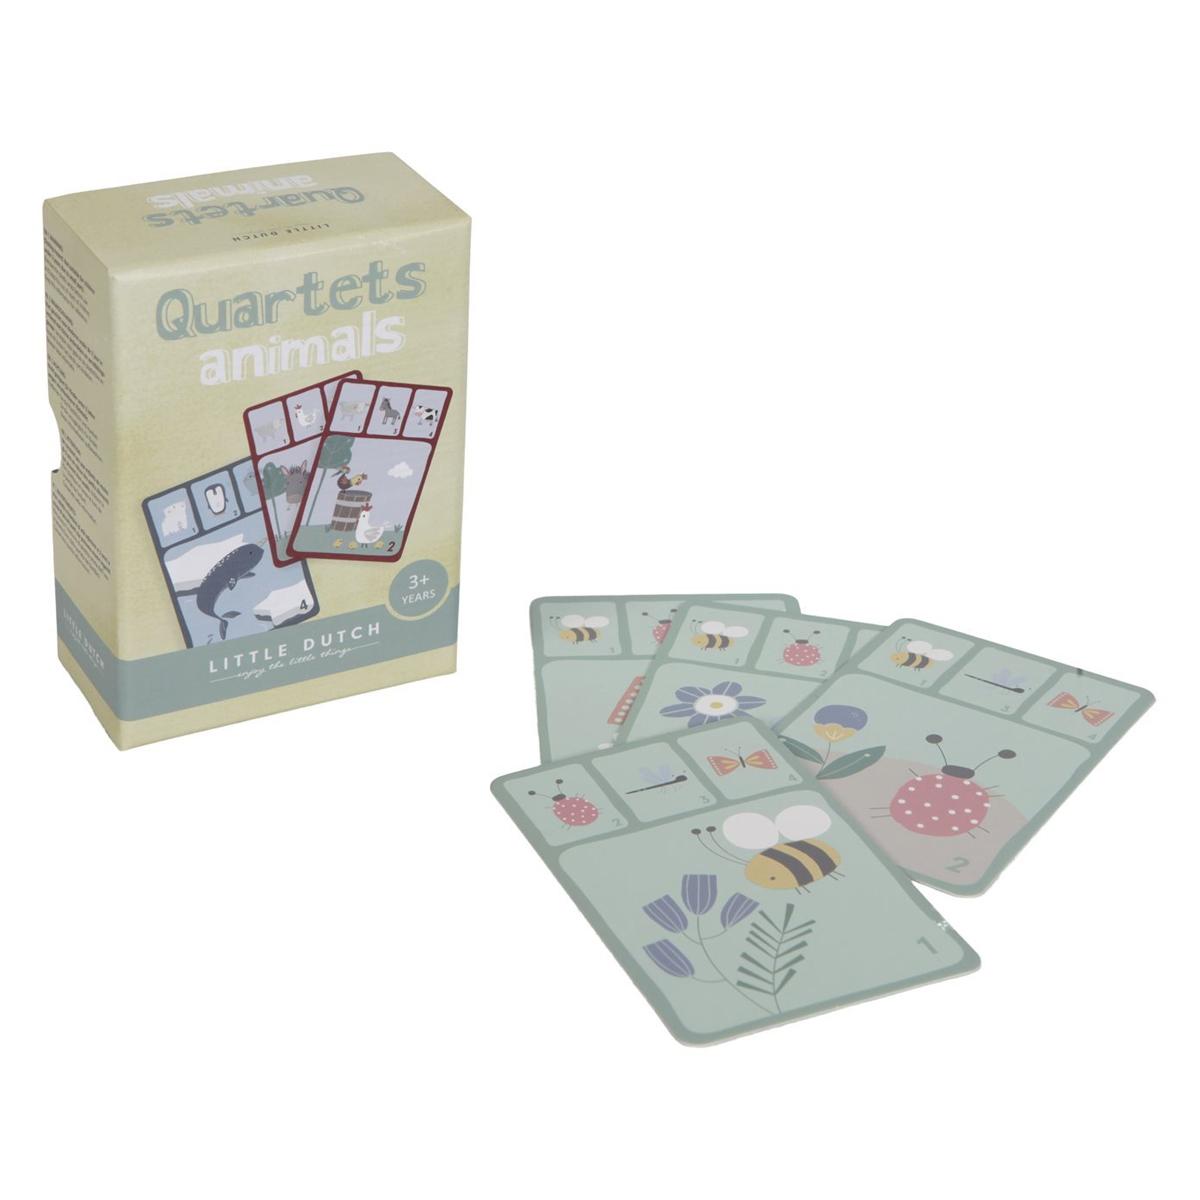 Mes premiers jouets Jeu de Cartes Quartets Animaux Jeu de Cartes Quartets Animaux